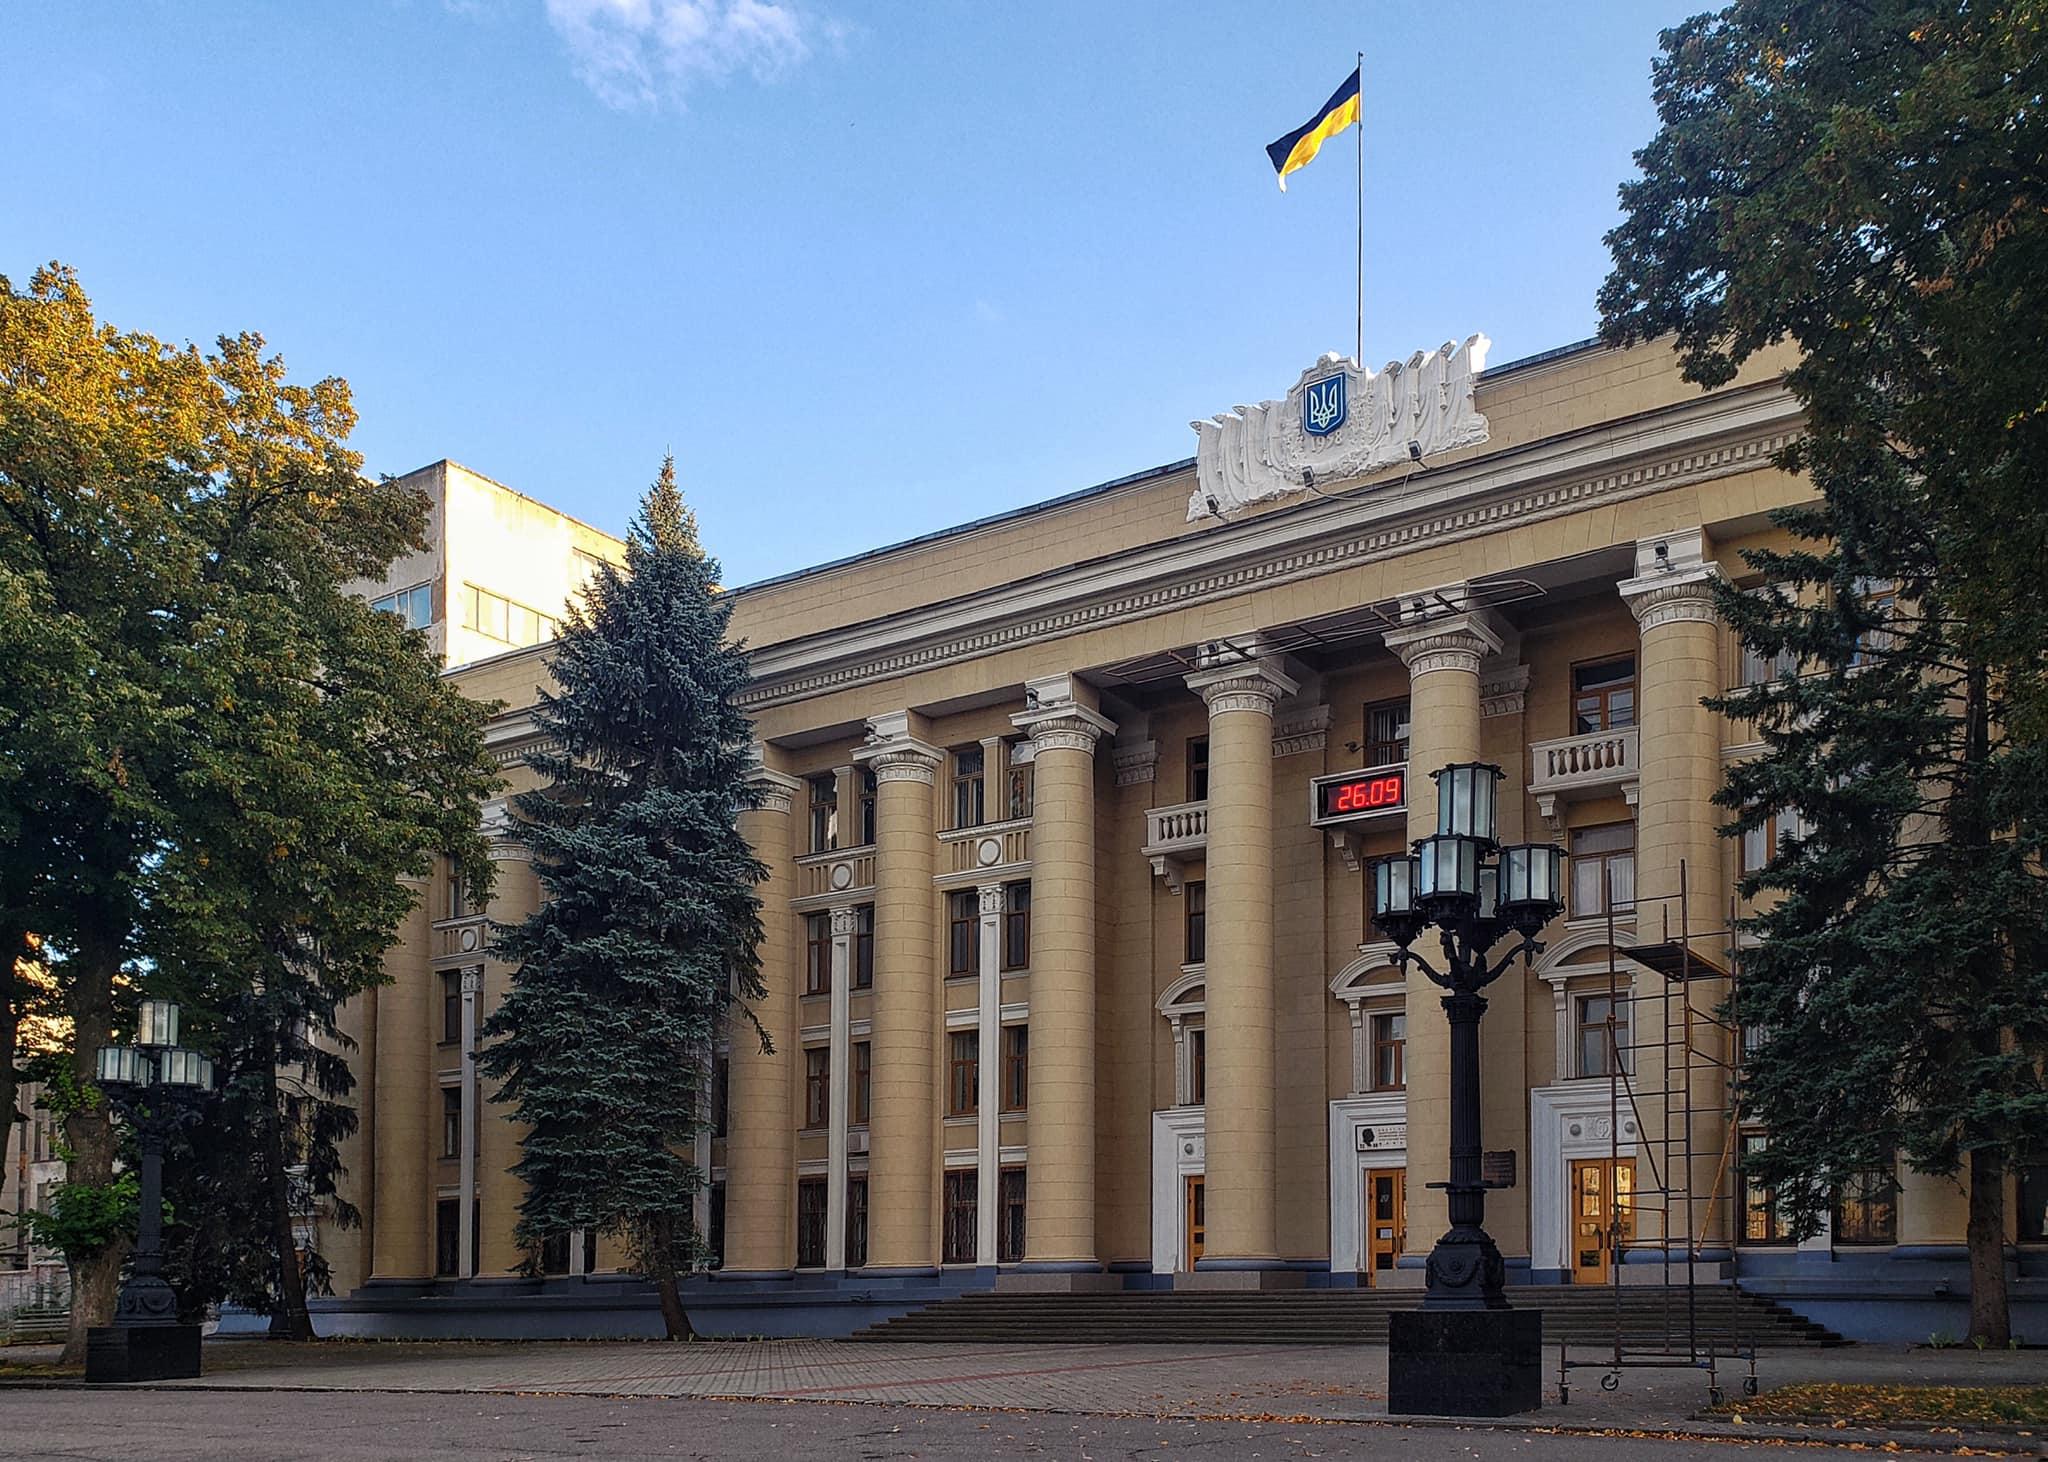 Новости Днепра про Как с открытки: в Днепре возле ЮМЗ восстановили старые фонарные столбы